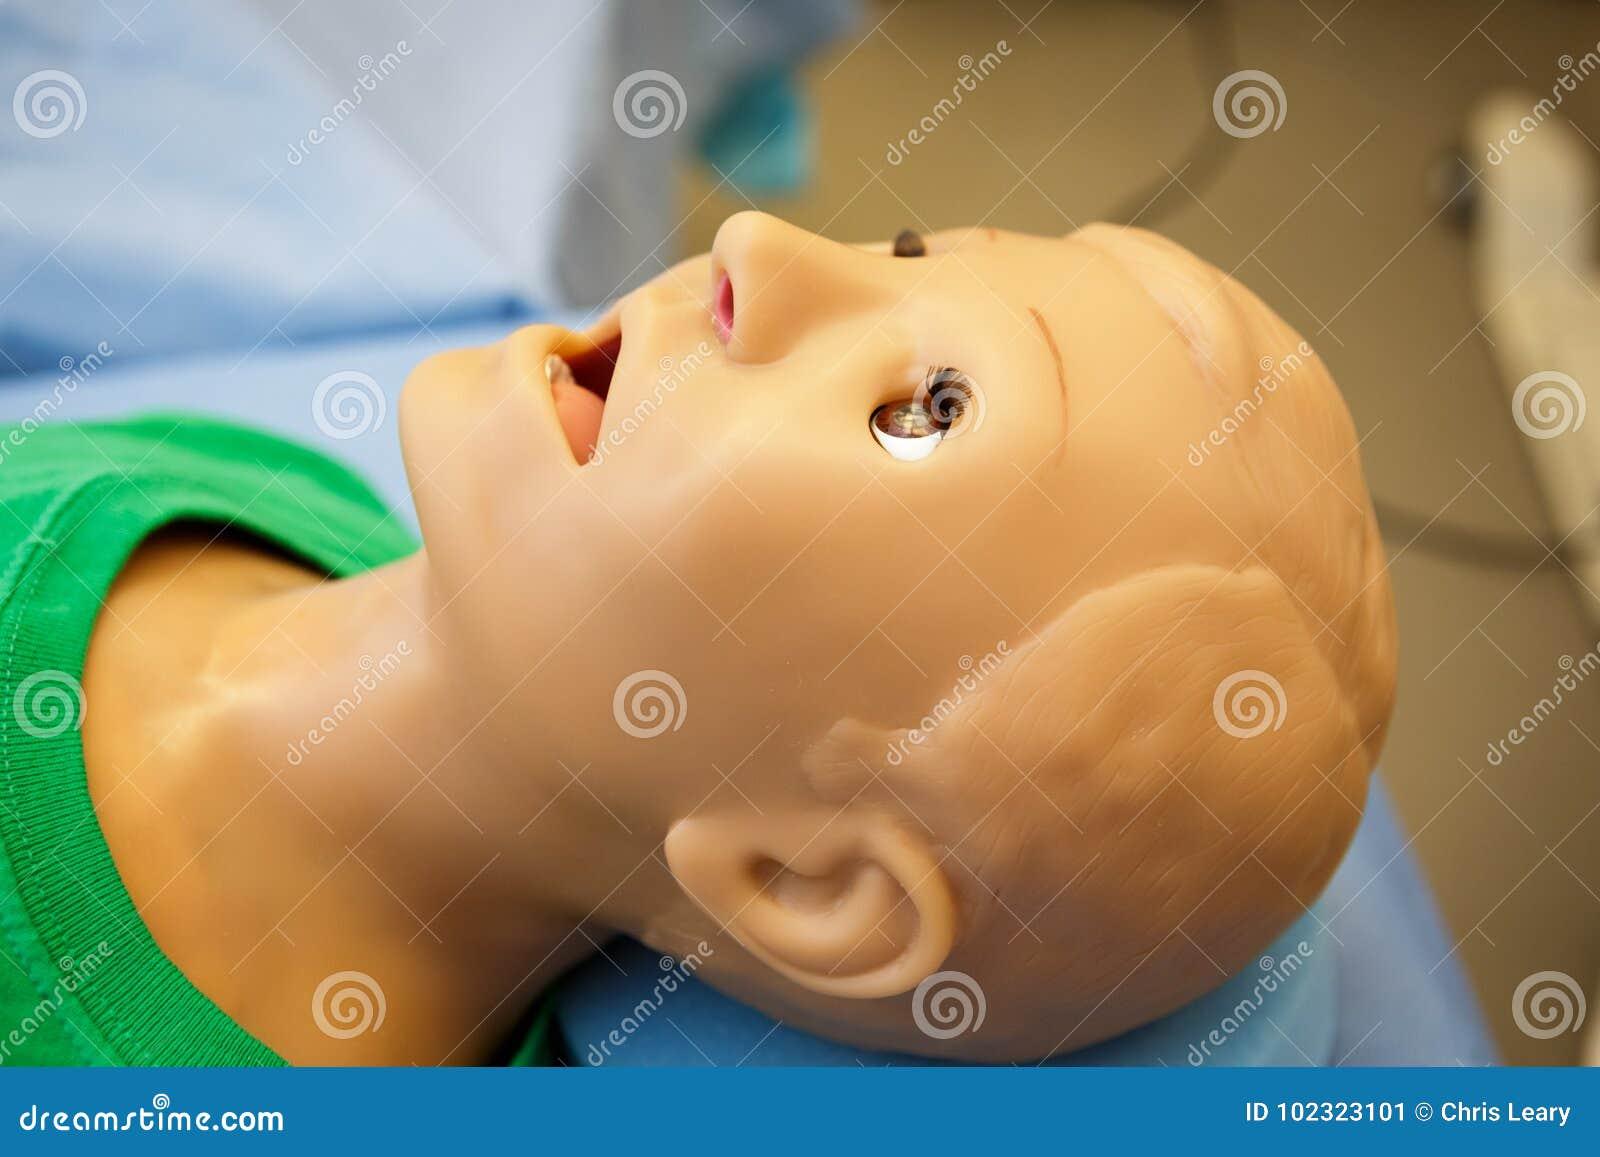 Medizinisches Mannequin